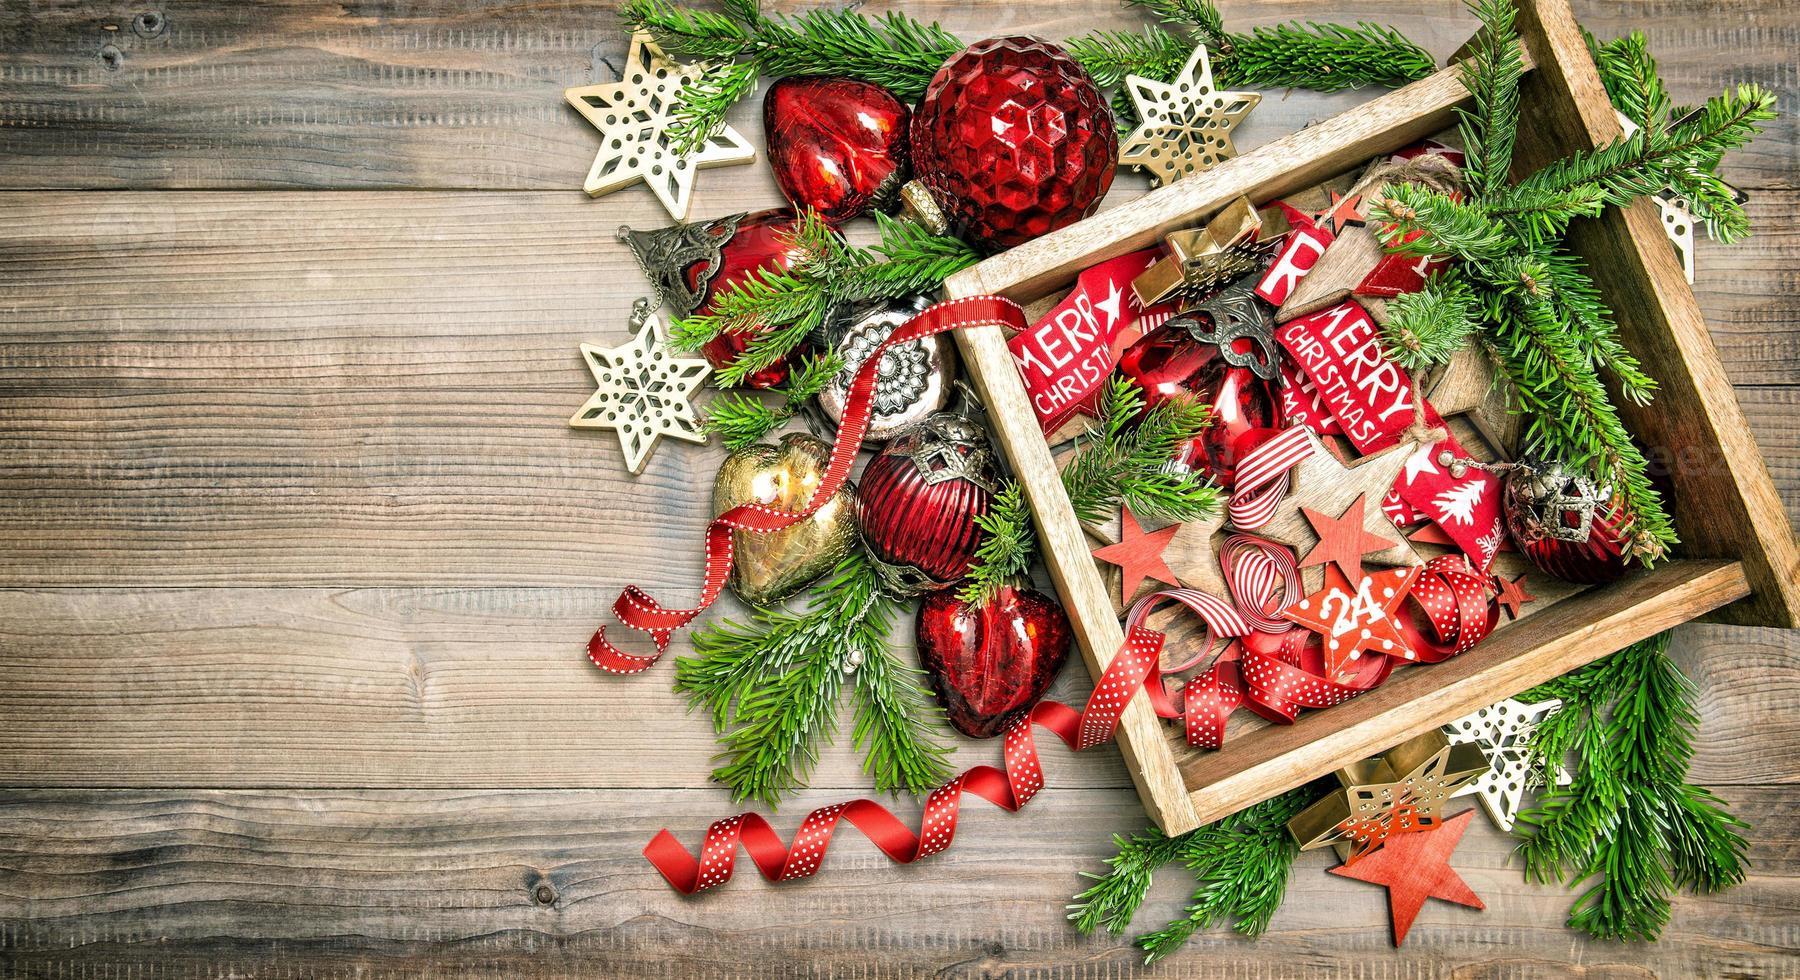 décorations de Noël, jouets et ornements vintage photo